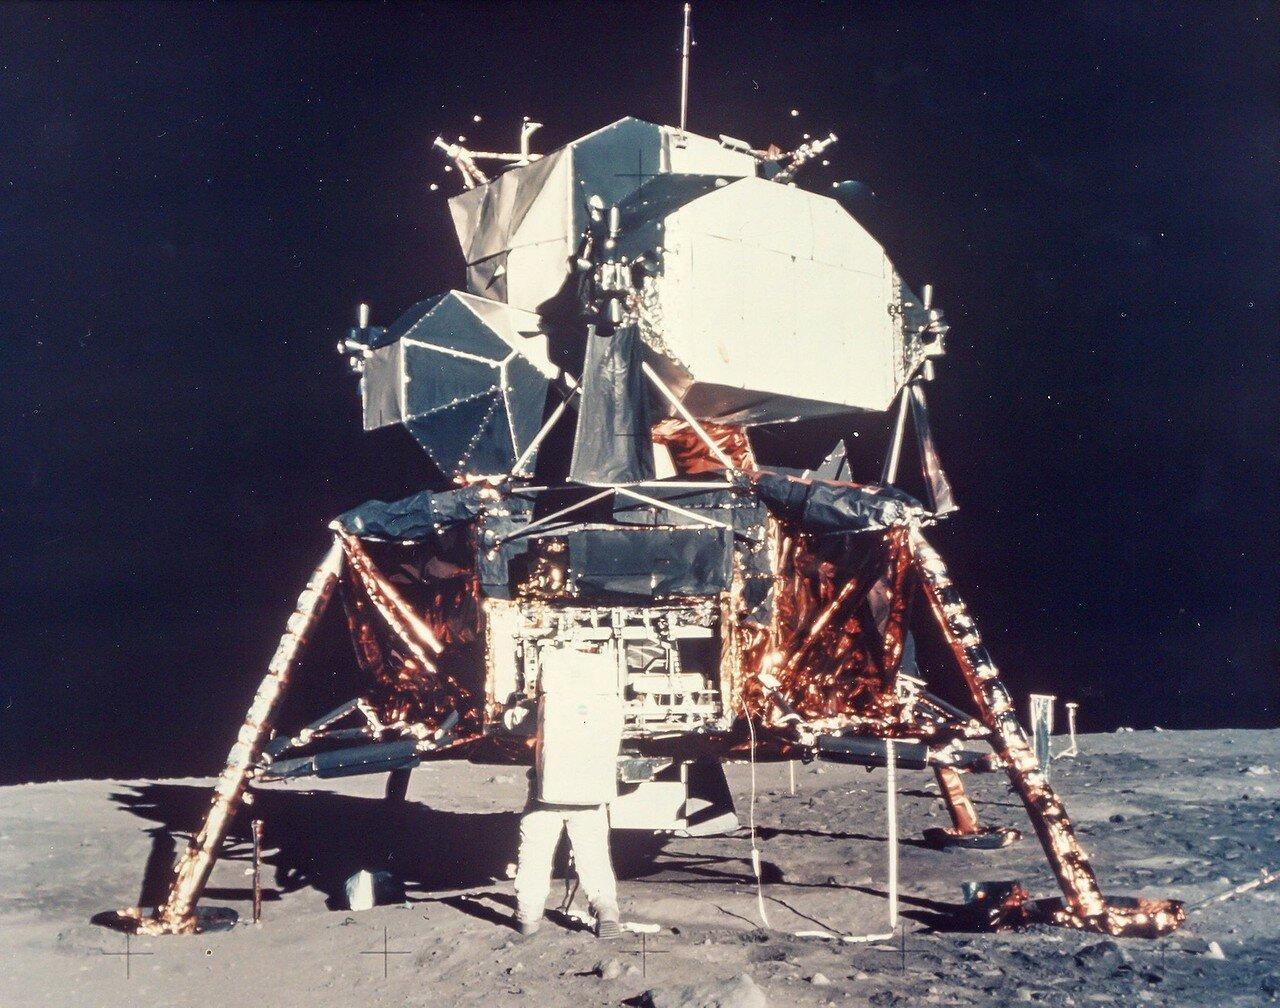 Дальше по плану нужно было разместить комплект научных приборов, состоявший из пассивного сейсмометра и уголкового отражателя для лазерной локации Луны. На снимке: Базз Олдрин распаковывает научное оборудование